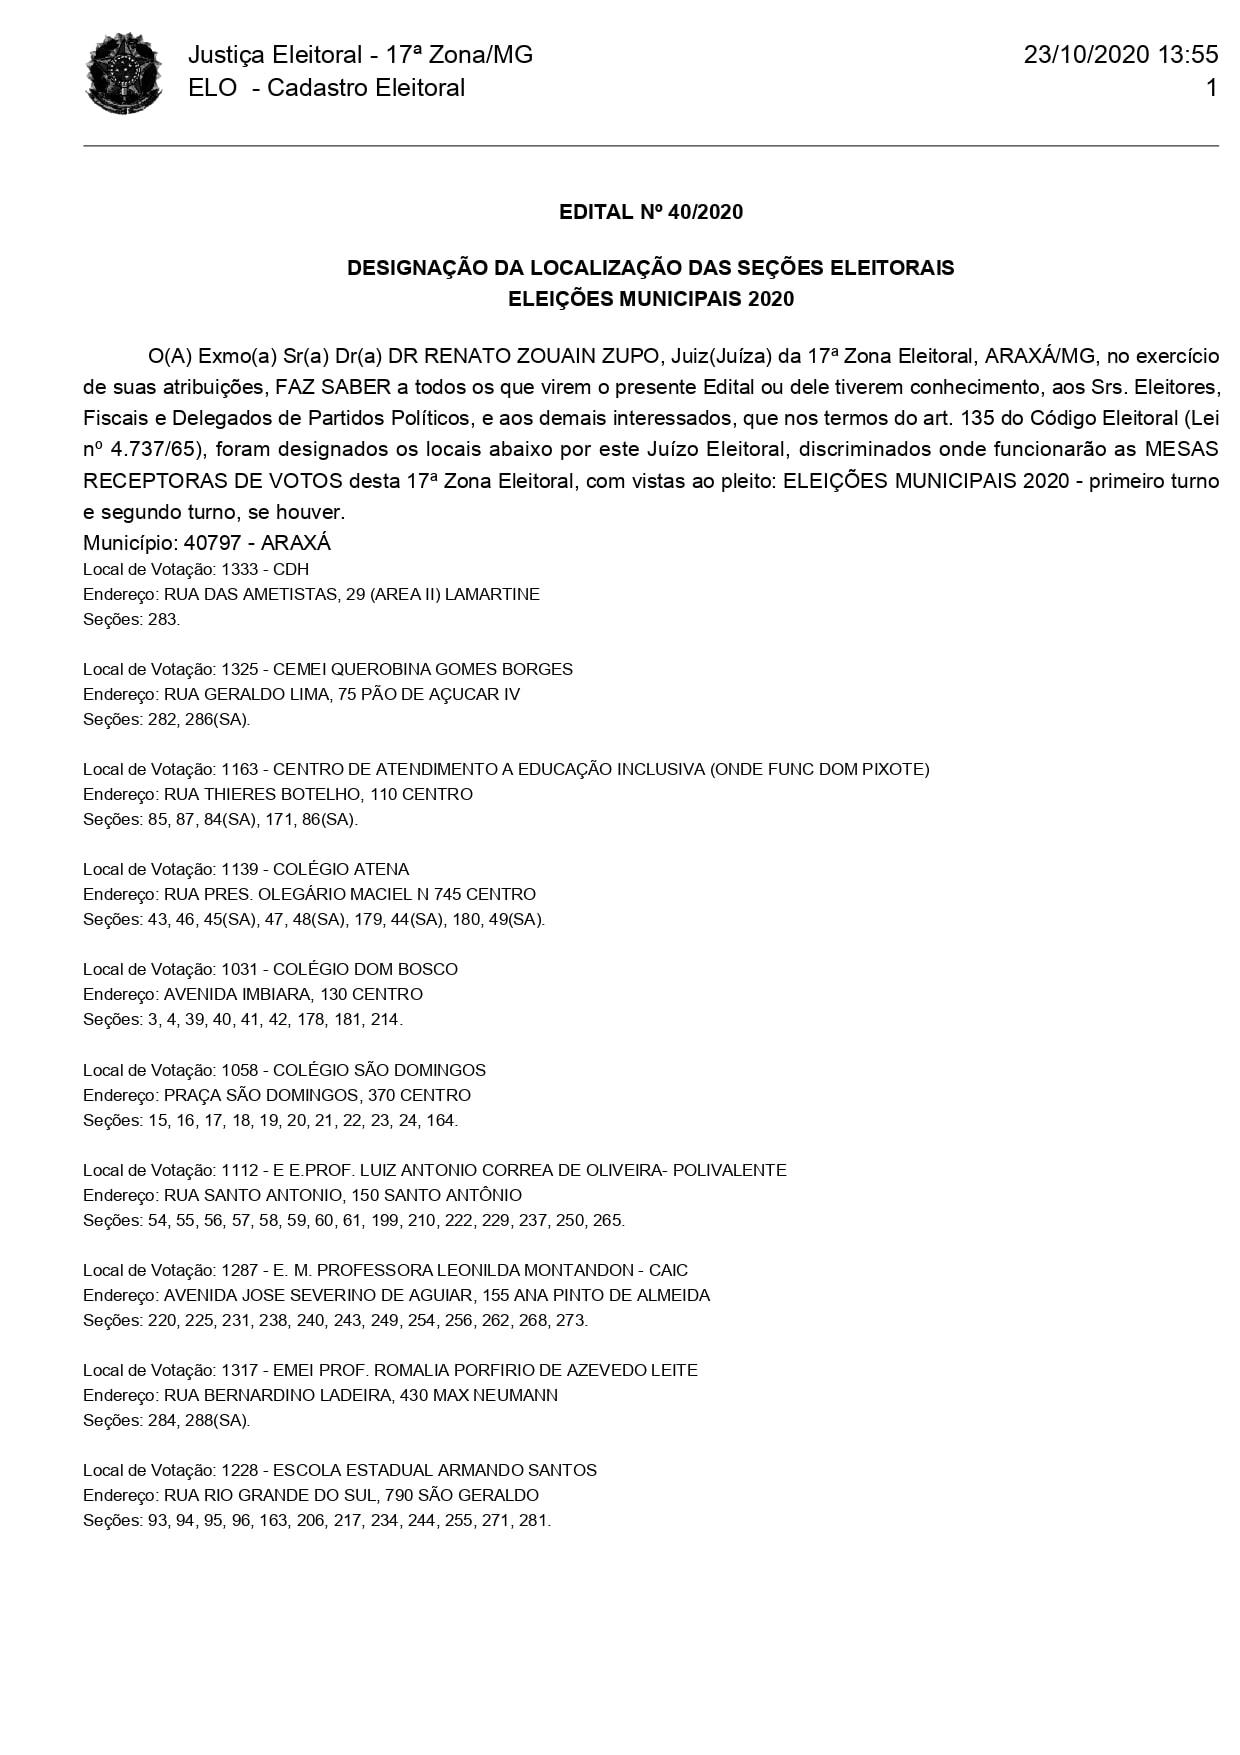 ELEIÇÕES 2020: Confira os locais de votação em Araxá 1